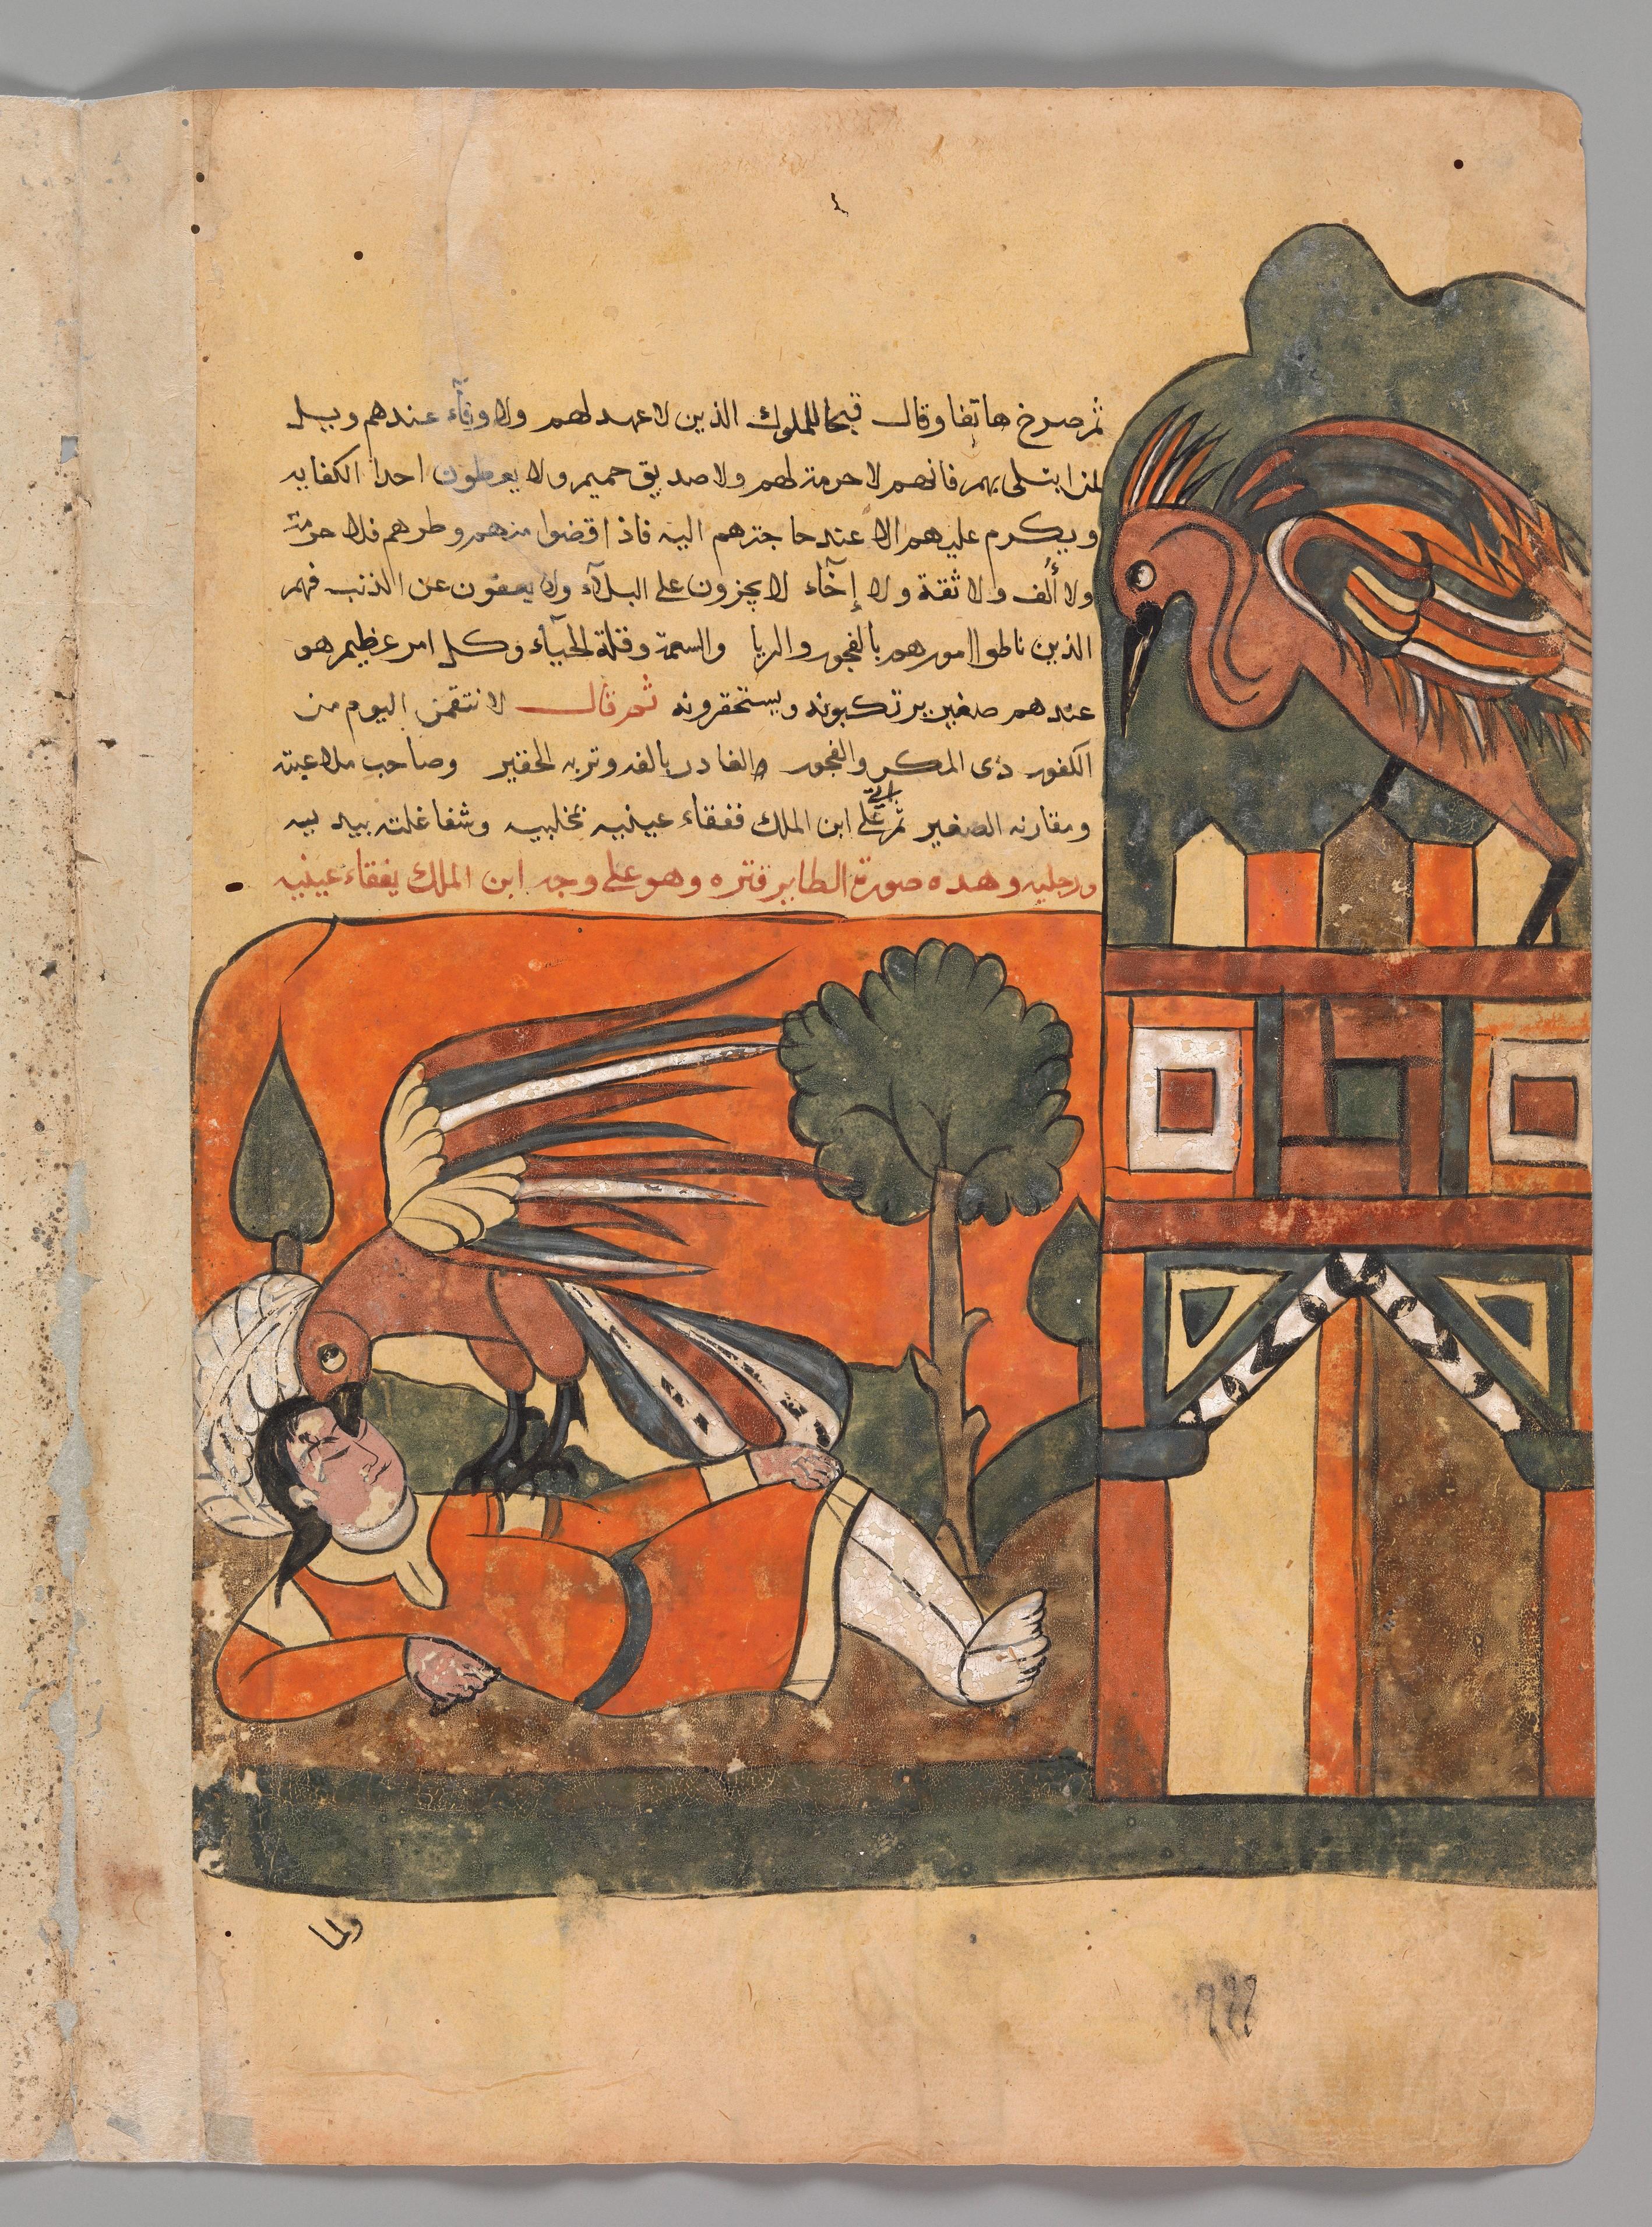 صفحة من المجموعة القصصية كليلة ودمنة